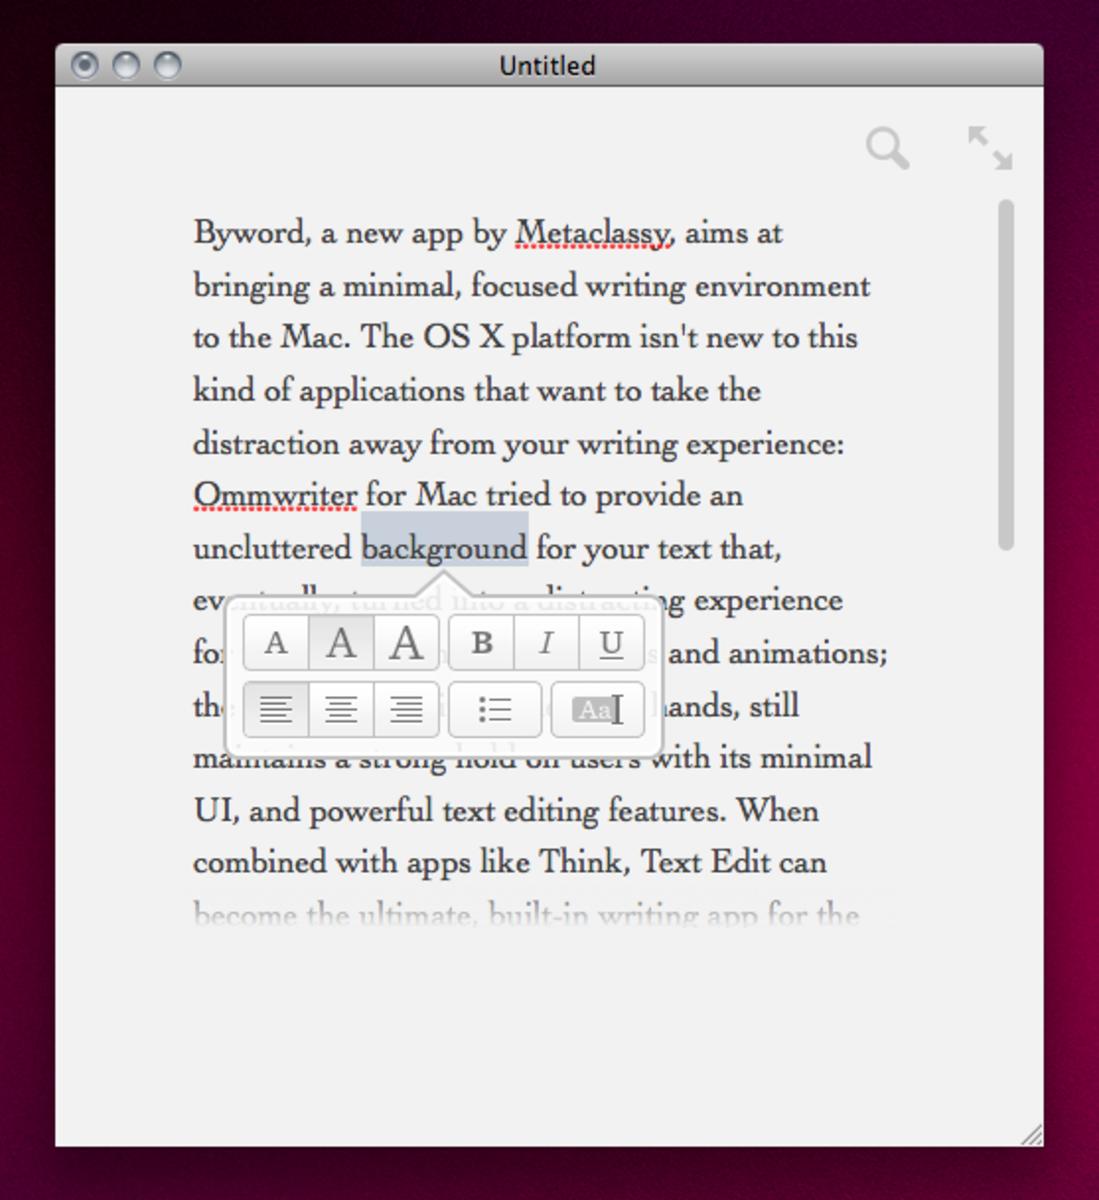 Byword on Mac